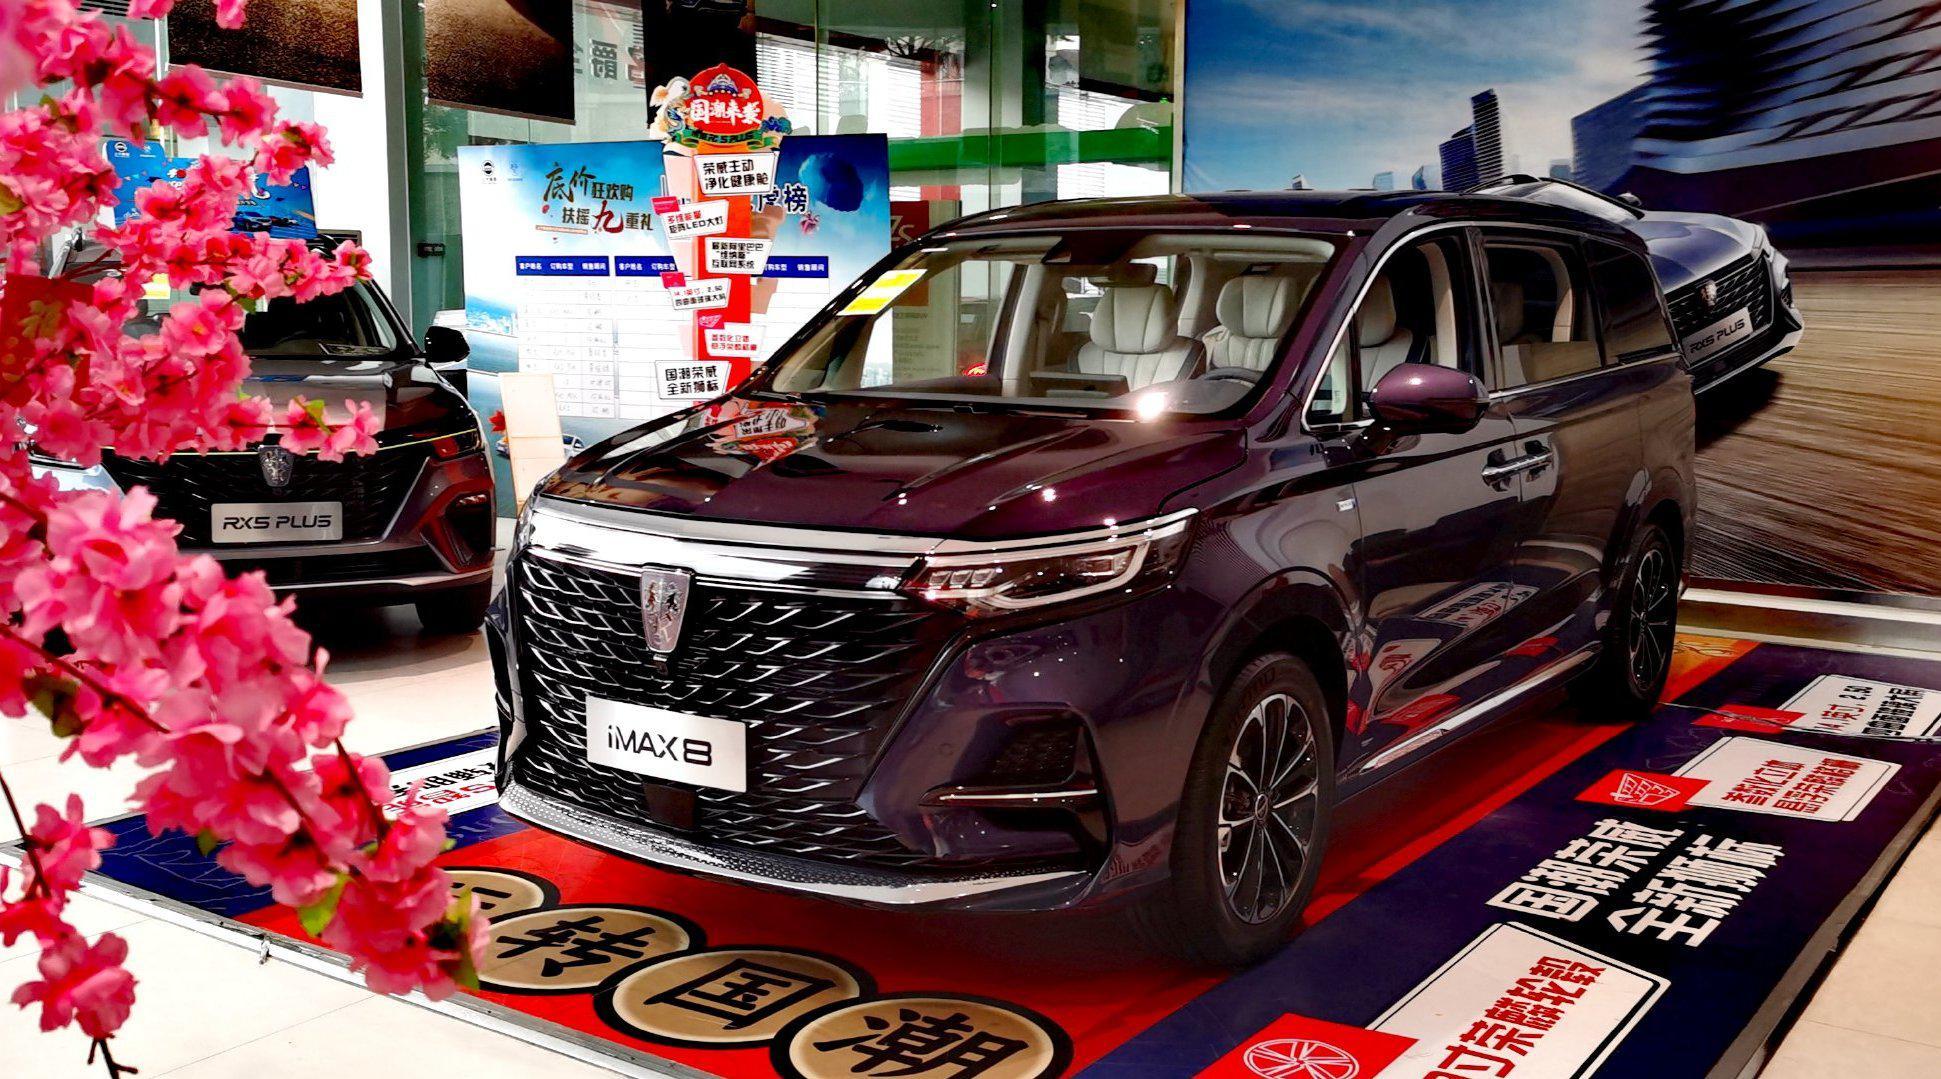 7座车6年免检 看看荣威首款MPV iMAX8新车怎么样?